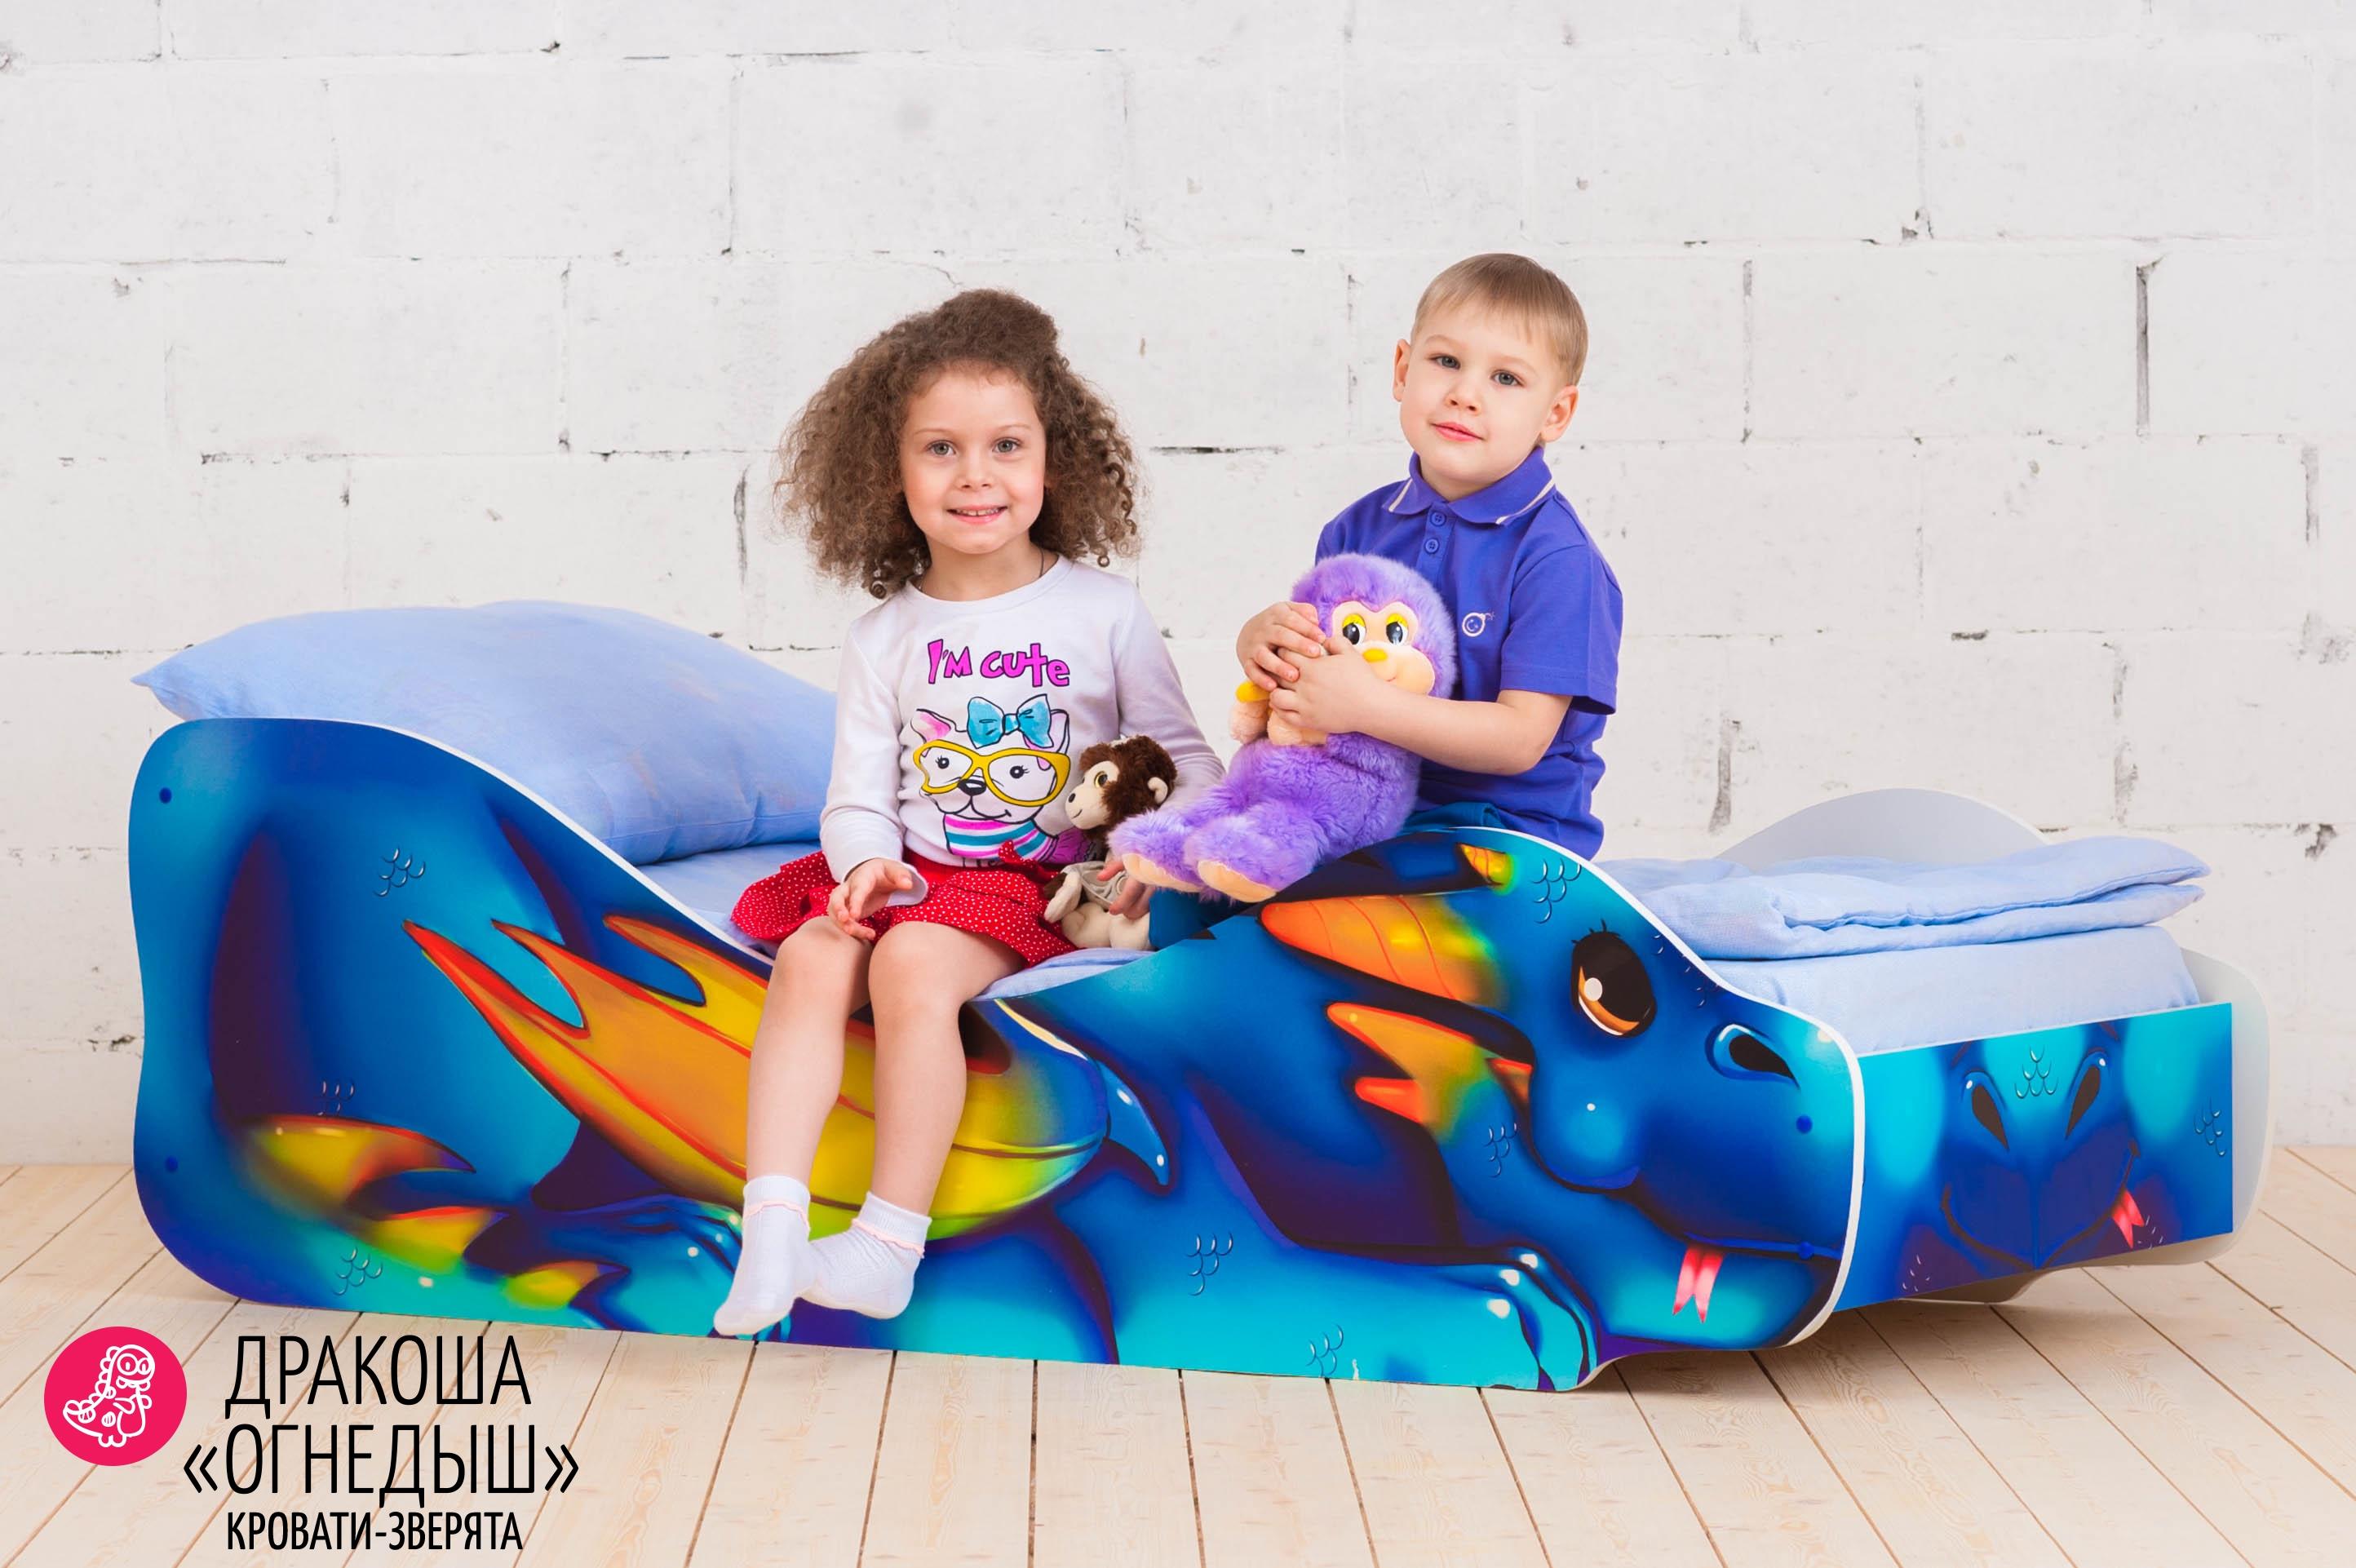 Детская кровать-зверенок -Дракоша-Огнедыш-8